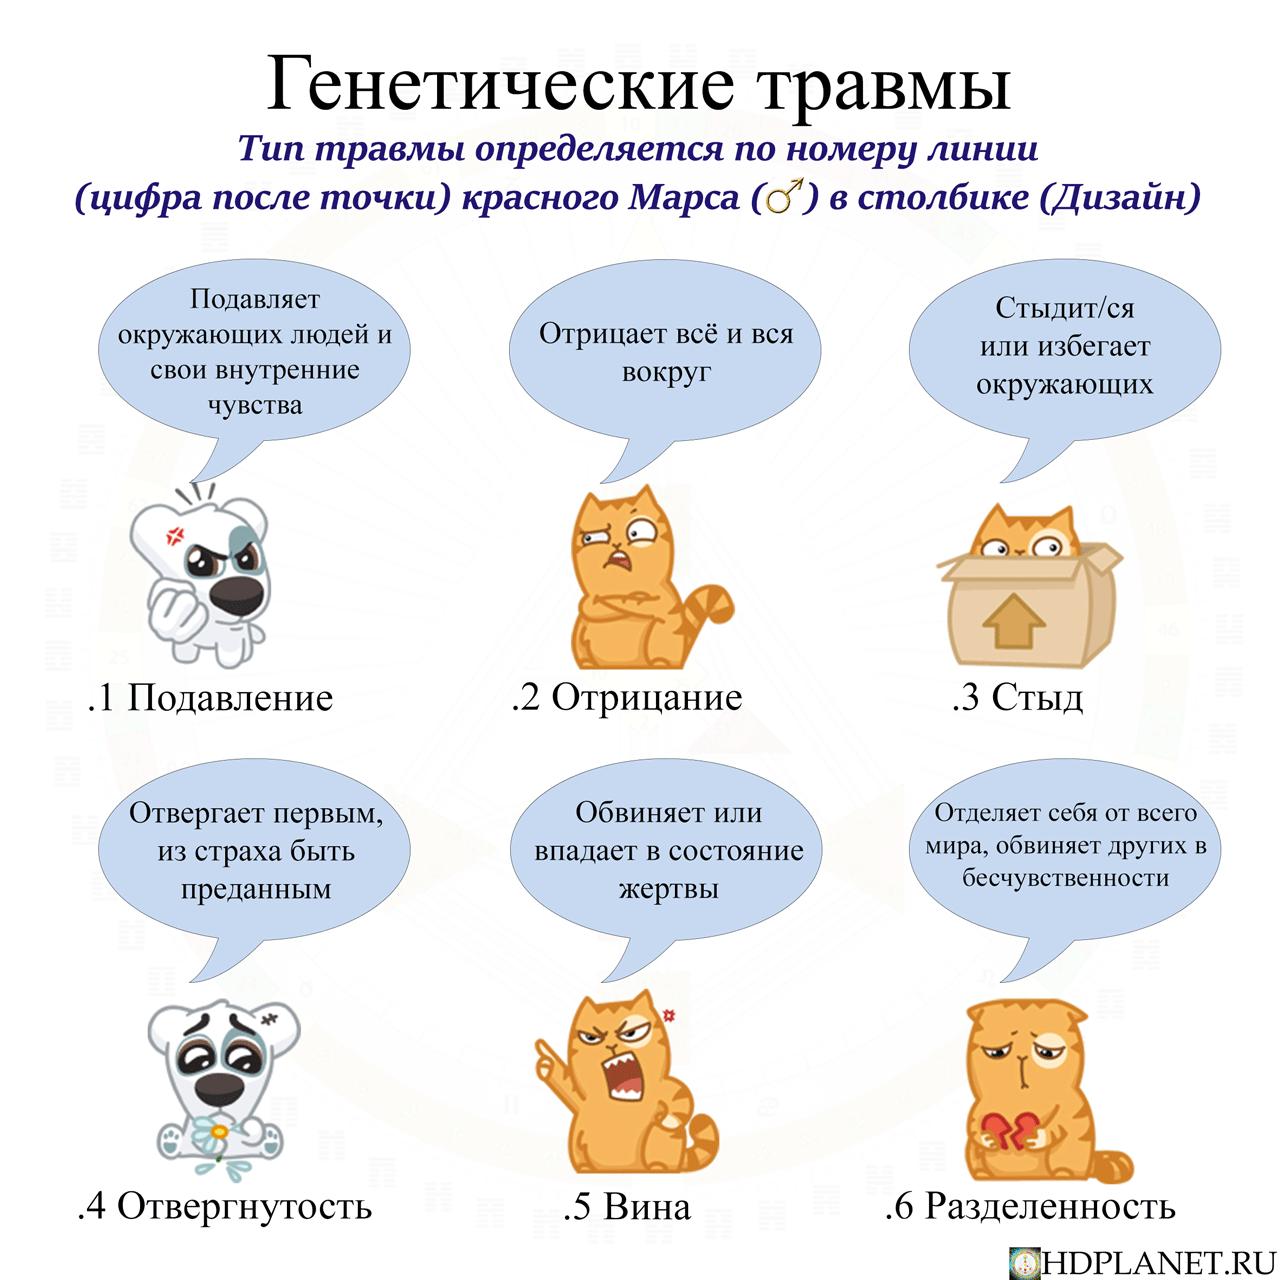 travmy-1